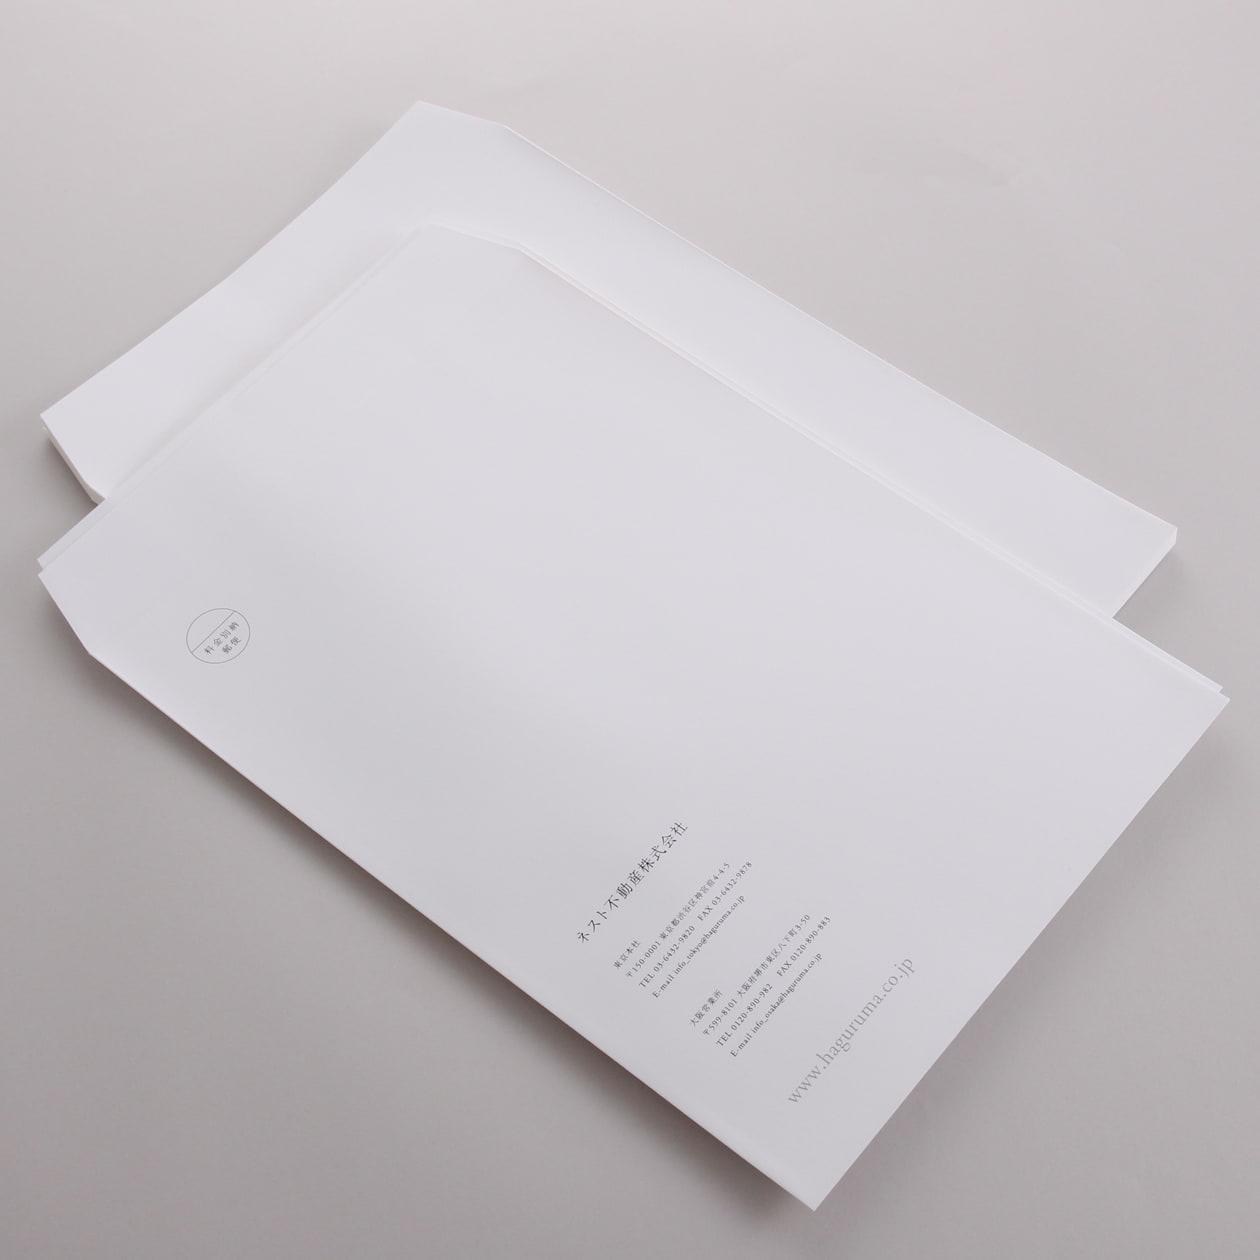 期間限定のおためし品 角2封筒 コットン 100枚